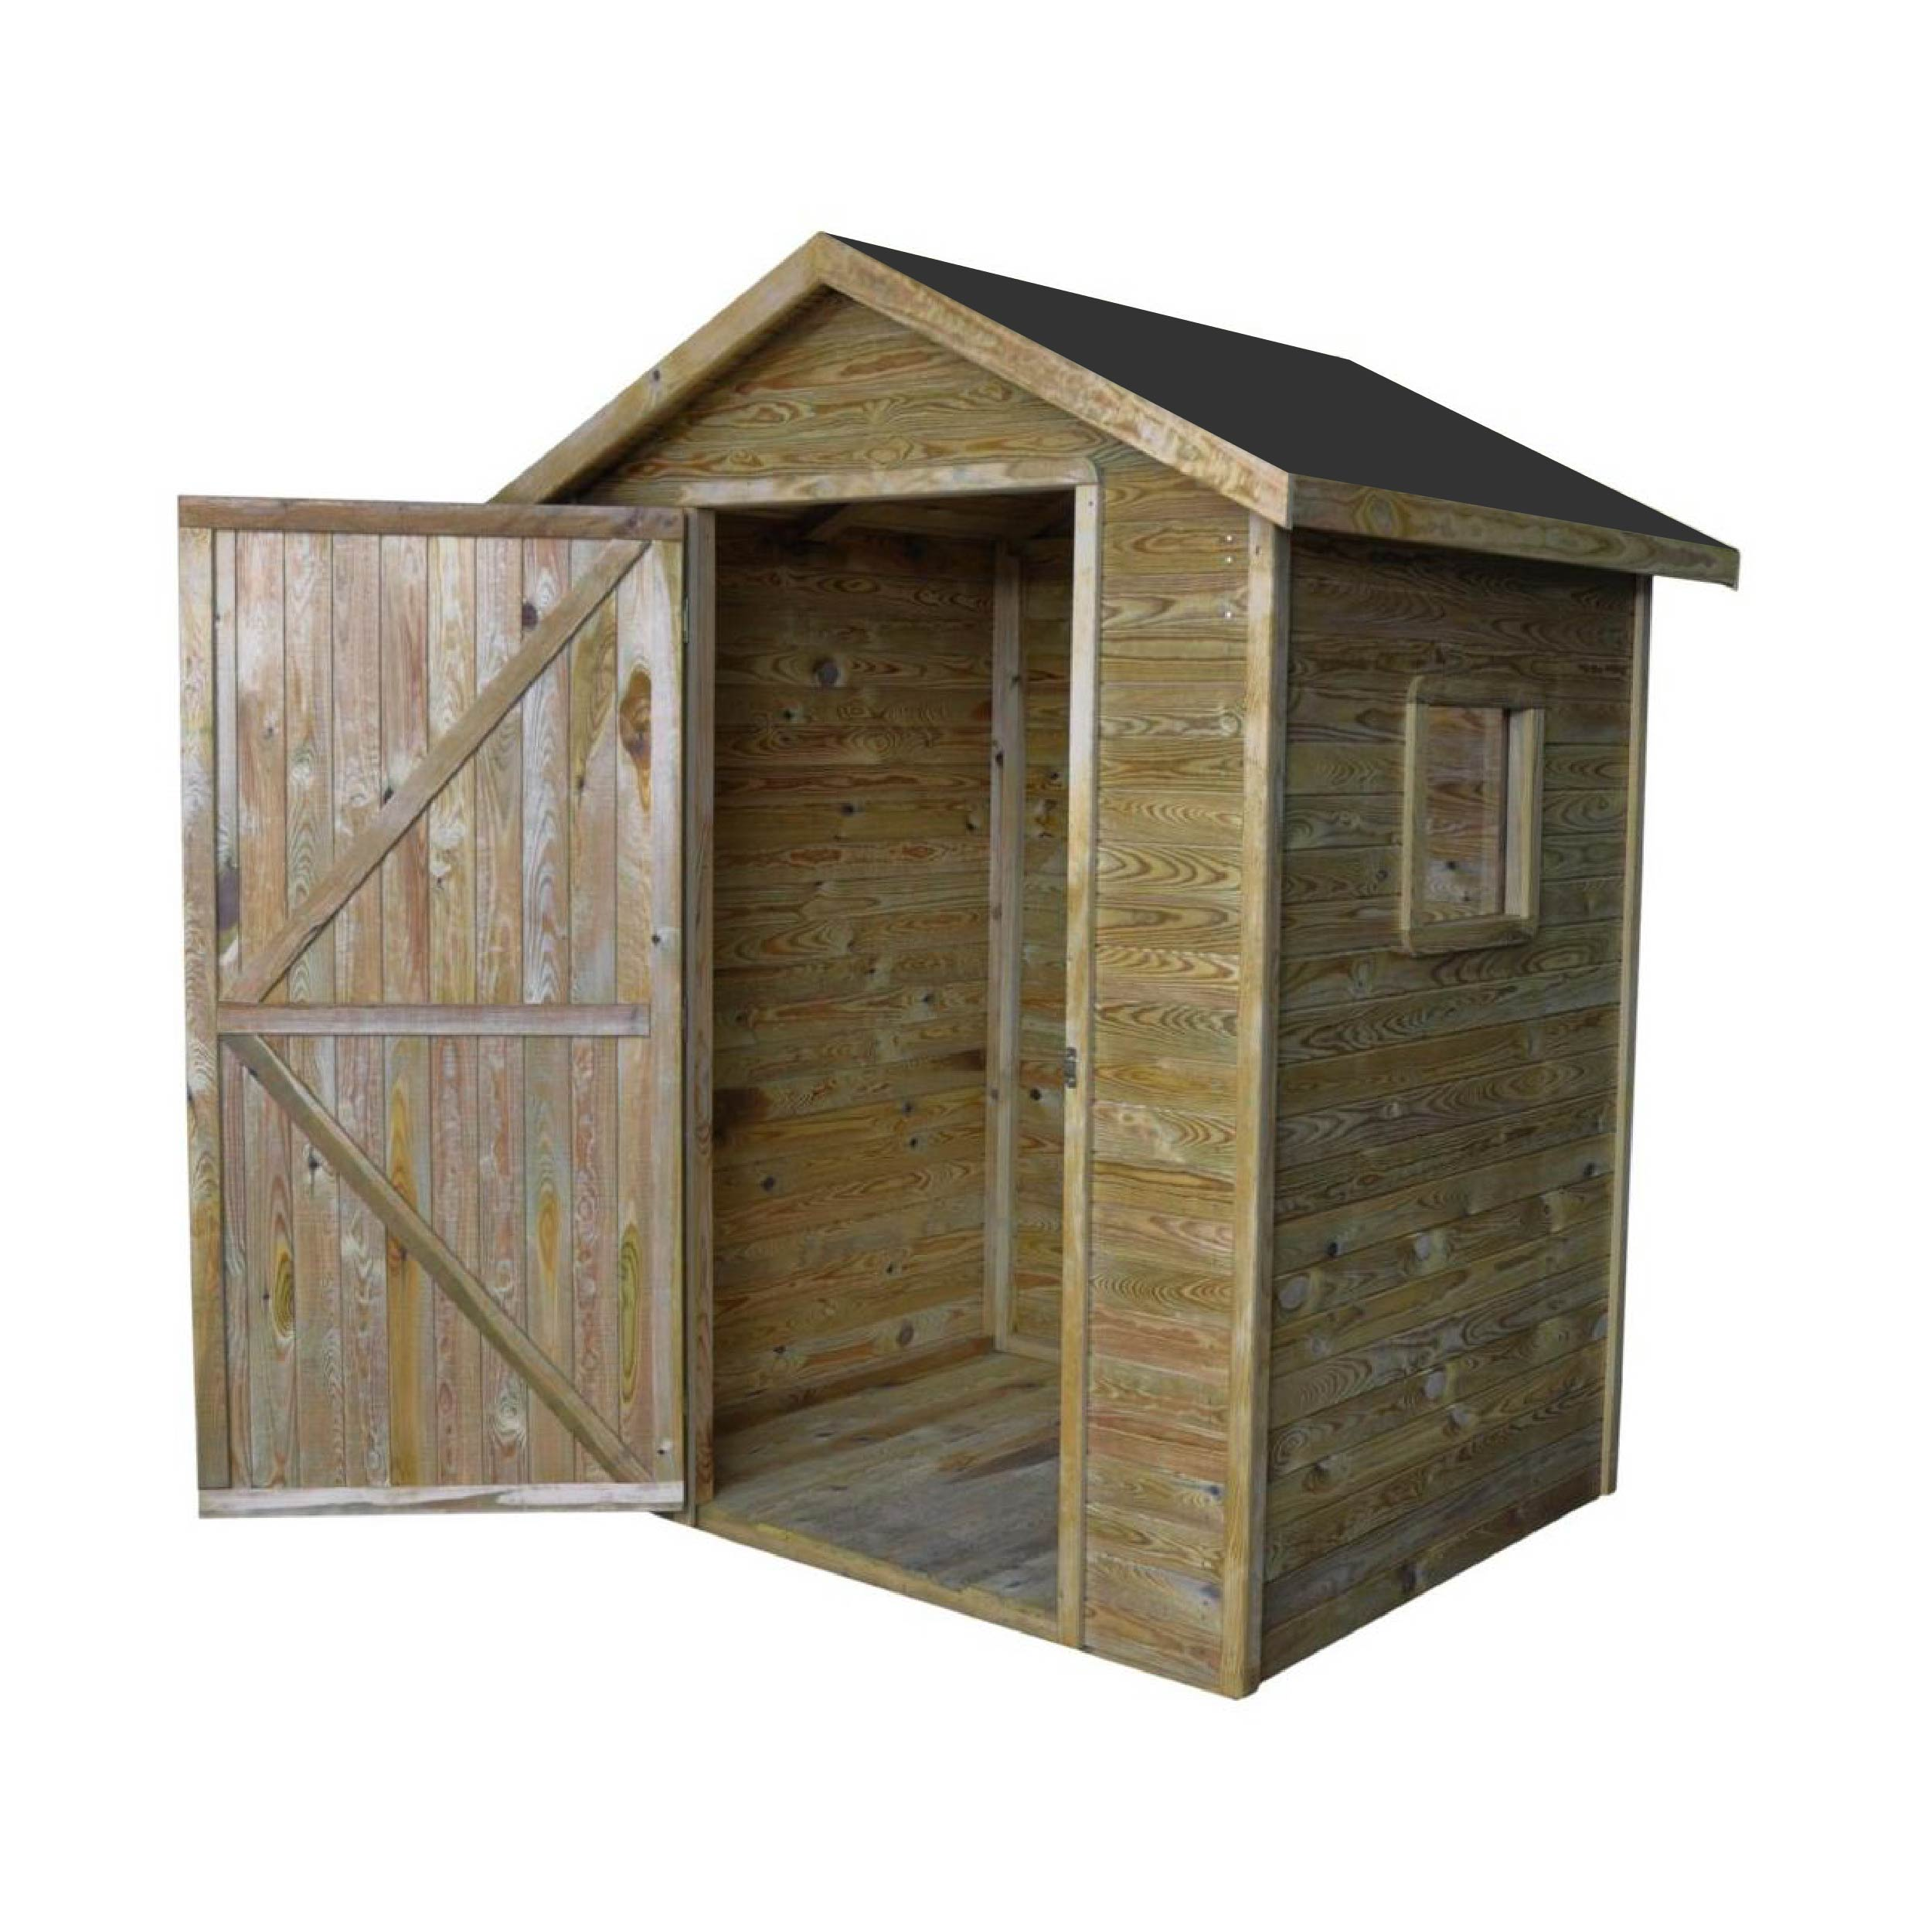 gartenh user bis 4 m2 gartenhaus aus holz 1 5m x 1 5m 19mm mit fenster zamora ger tehaus. Black Bedroom Furniture Sets. Home Design Ideas